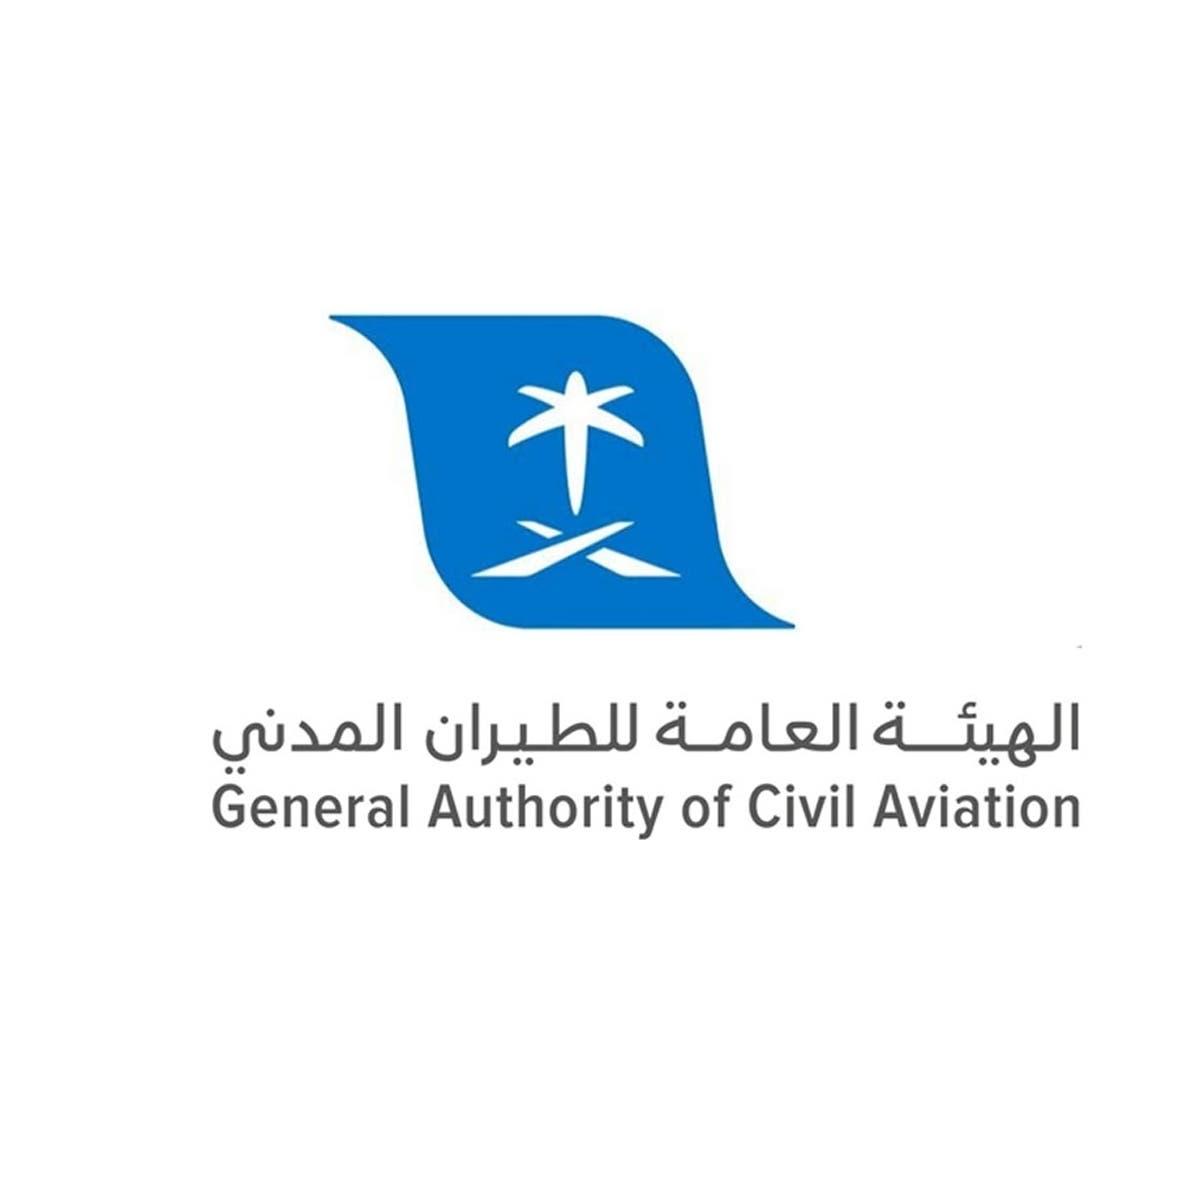 الطيران المدني يعلن شروط دخول غير السعوديين